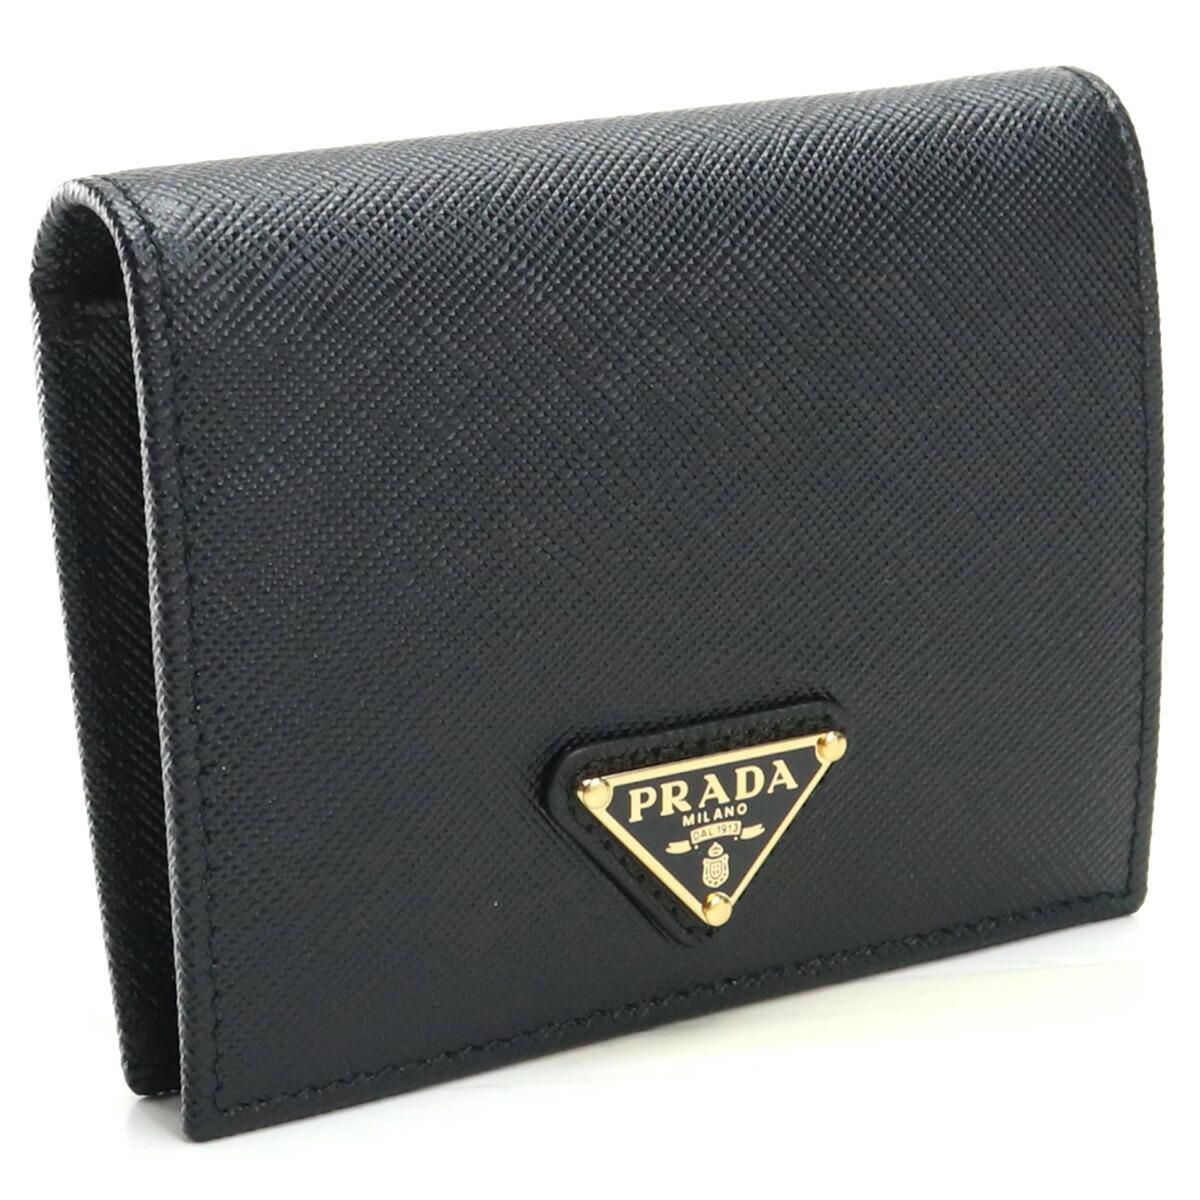 プラダ PRADA  2つ折り財布 ブランド財布 ミニ財布 コンパクト財布 1MV204 QHH F0002 NERO ブラック gsw-2